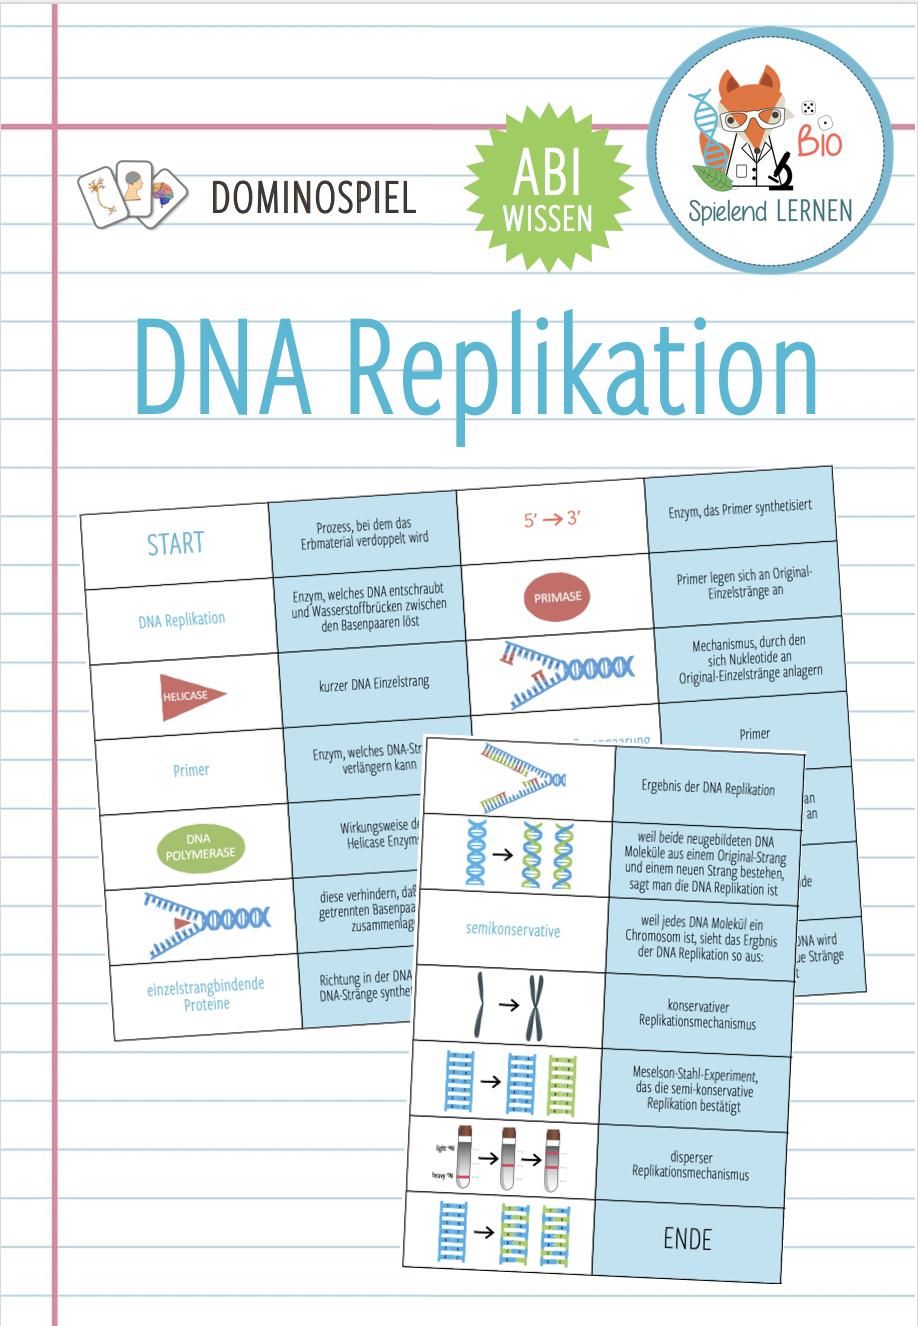 DNA Replikation – Domino Spiel Abitur – Unterrichtsmaterial im ...